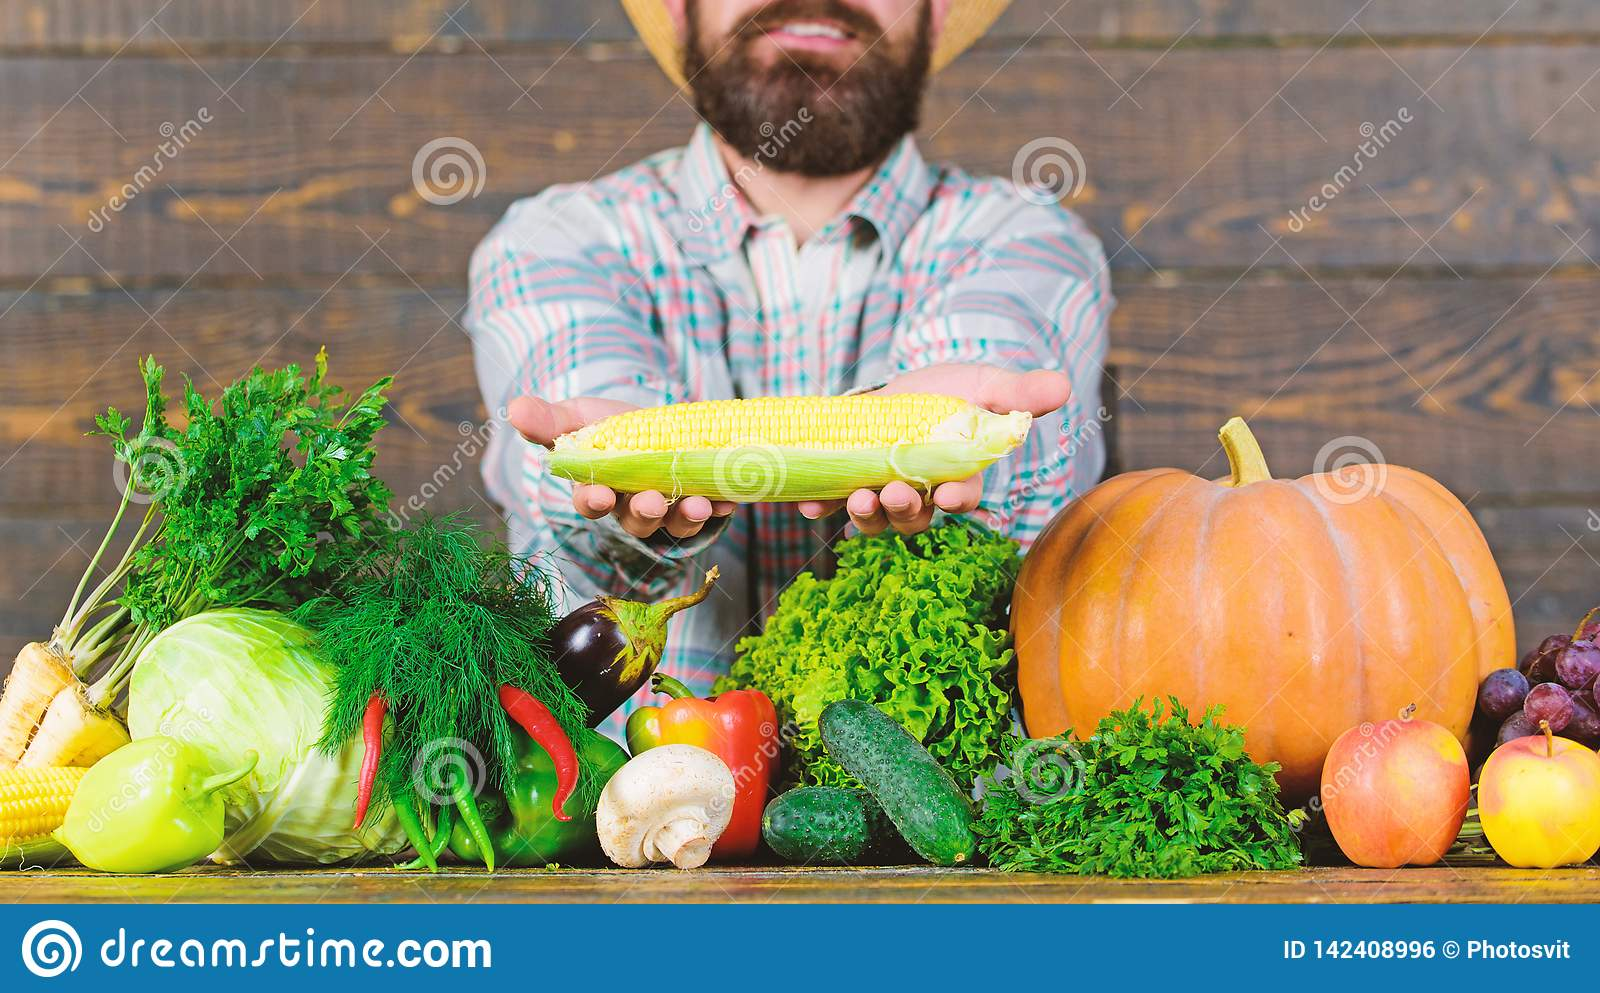 Возникновение сельчанина фермера деревенское Вырастите органические урожаи Соломенная шляпа фермера представляя свежие овощи Чело